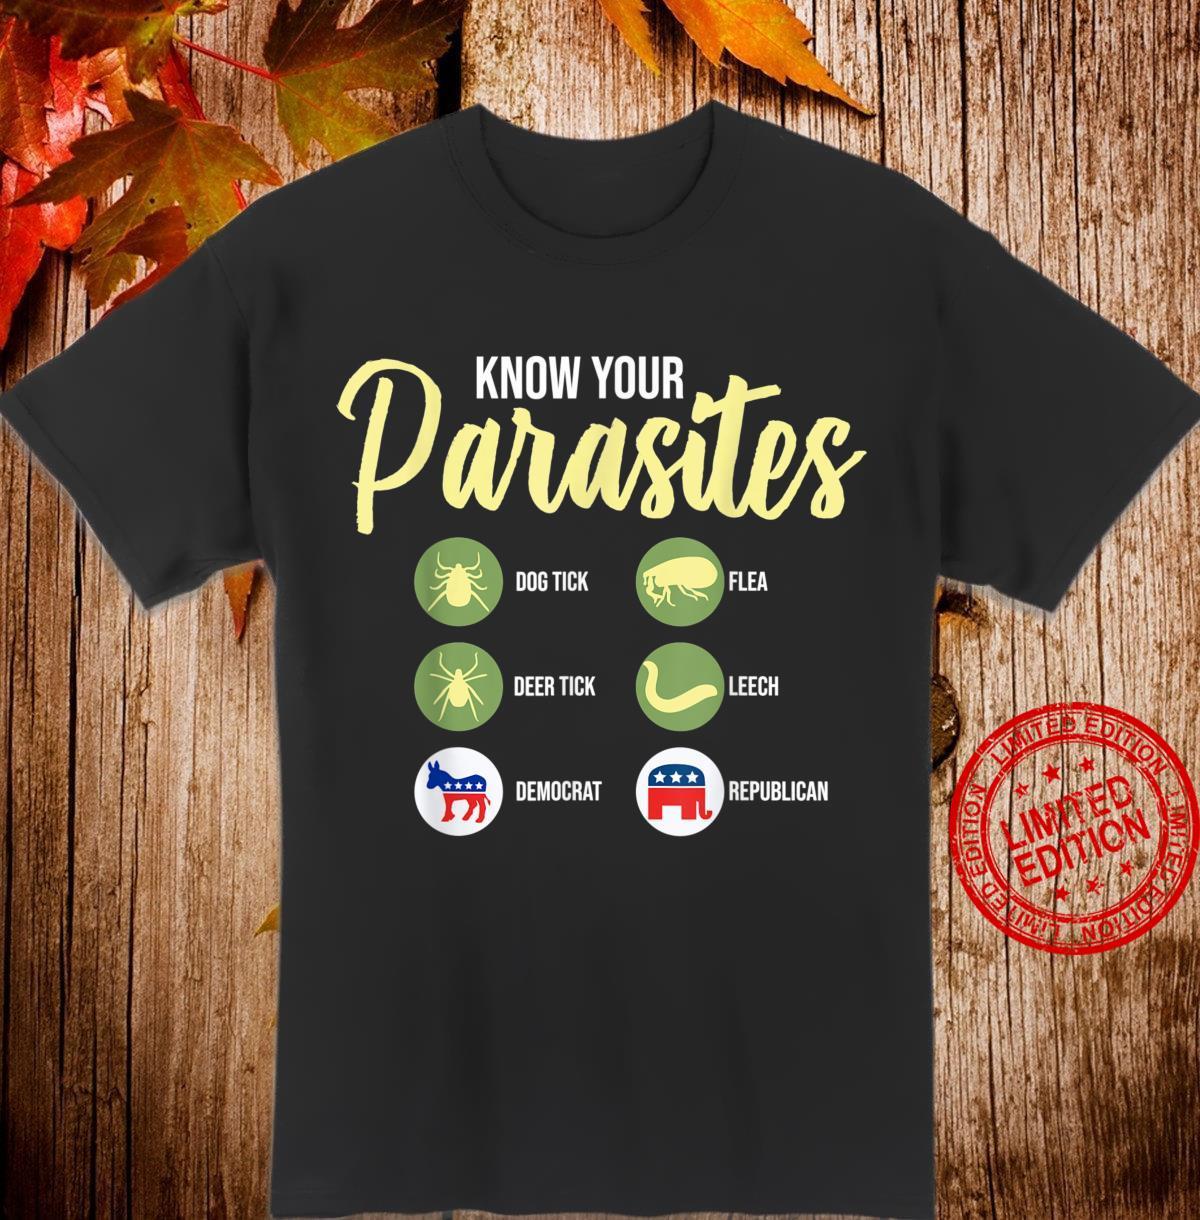 Libertarian Shirt Know Your Parasites Shirt